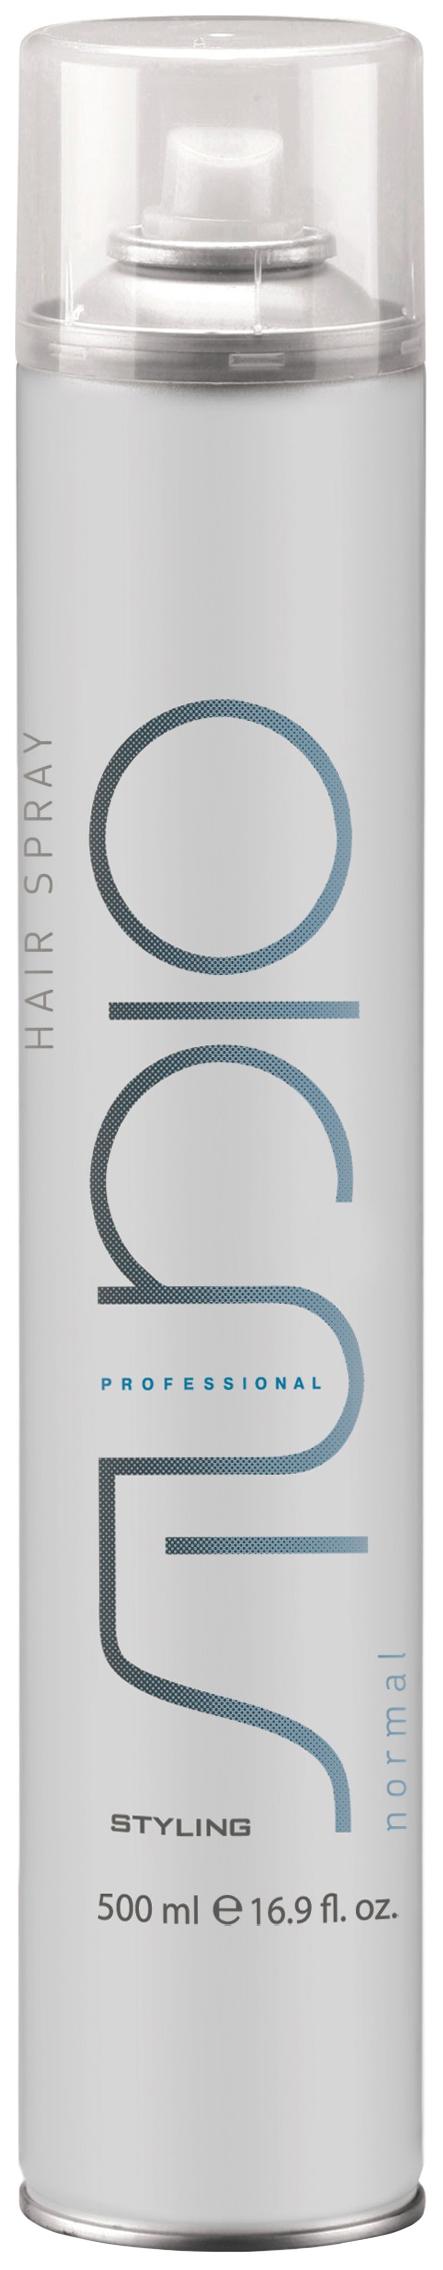 Лак для волос Kapous Studio Professional Нормальной фиксации 500 мл фото